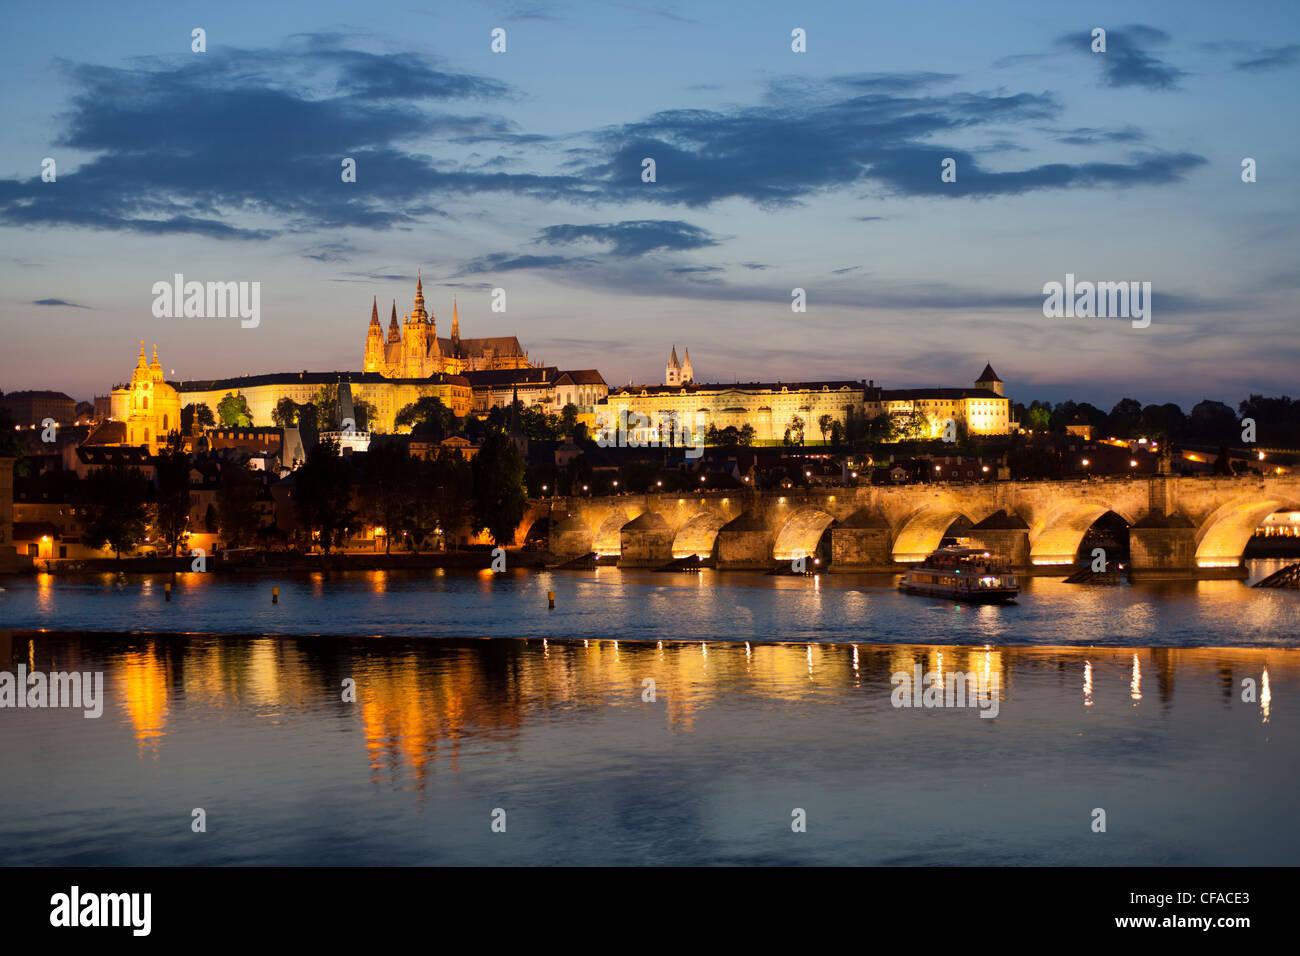 Cattedrale di San Vito, il Ponte Carlo e il quartiere del Castello illuminata di notte, Praga, Repubblica Ceca Immagini Stock